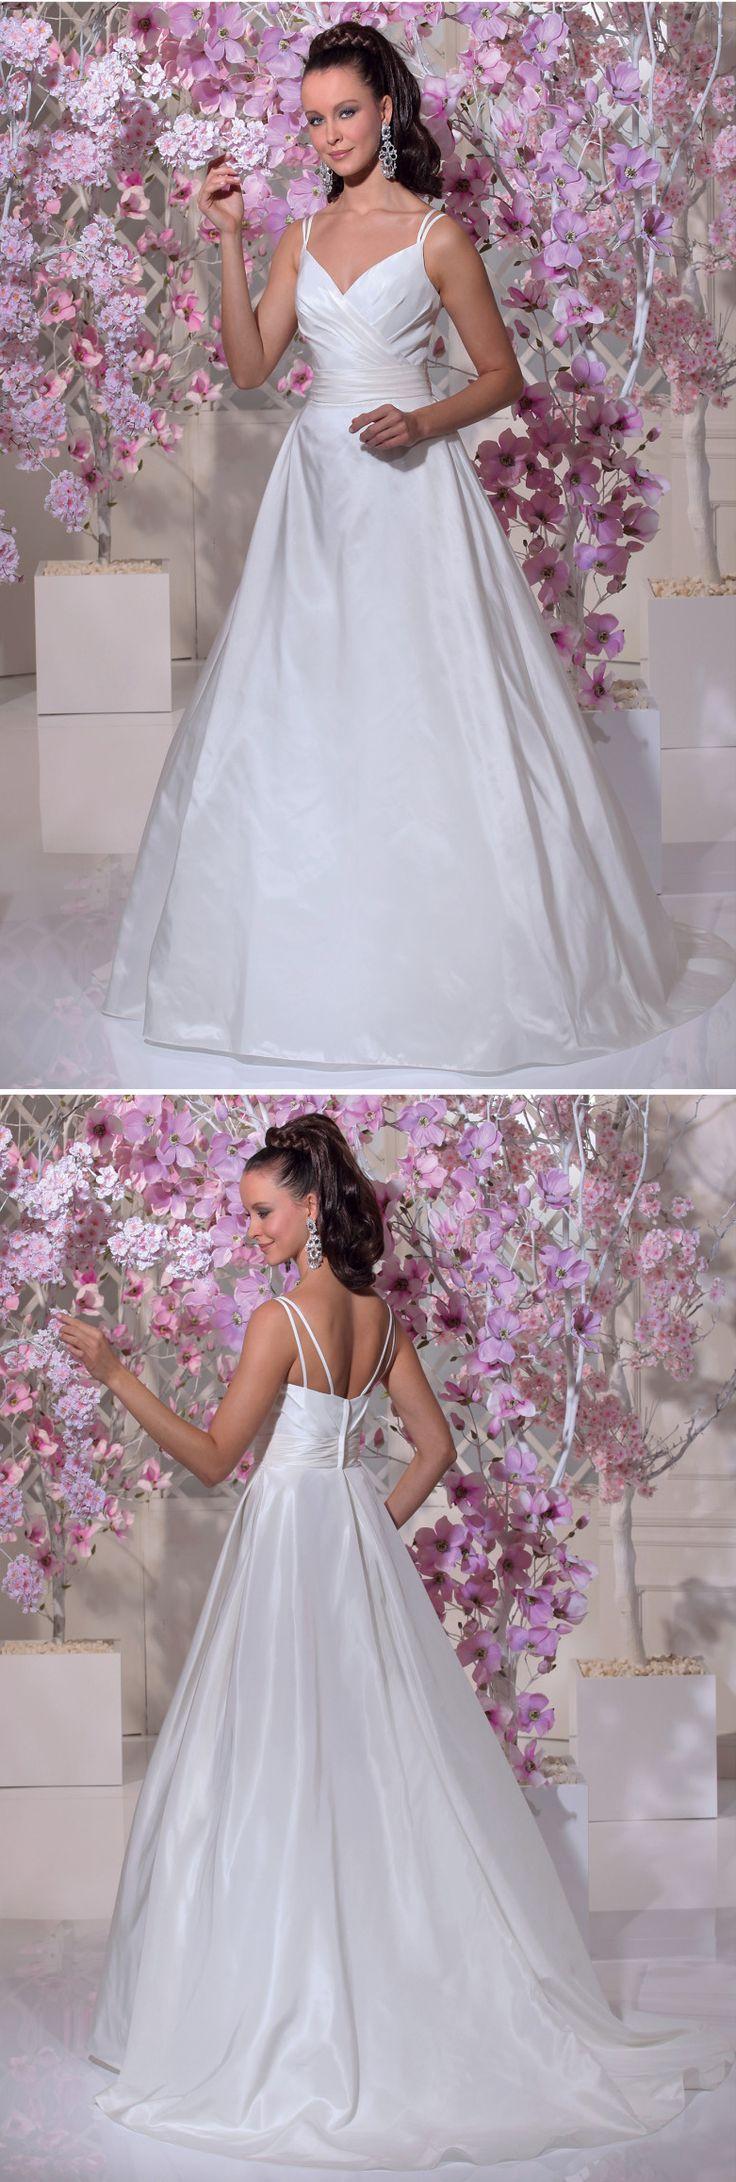 11 besten Brautmode und Hochzeitskleider Bilder auf Pinterest ...